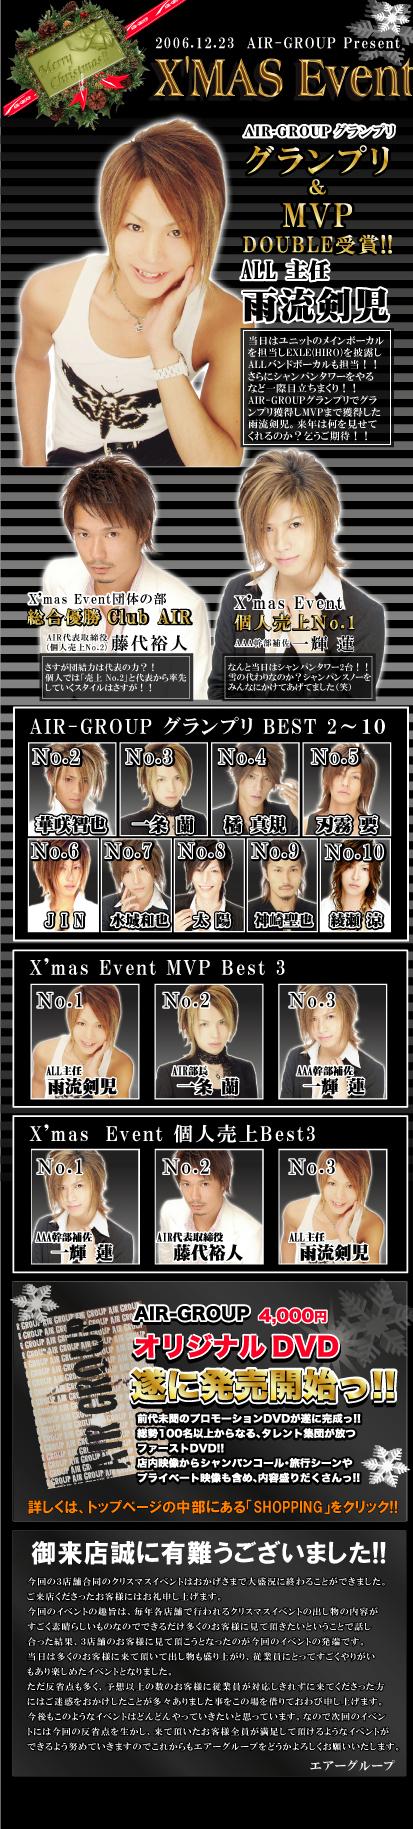 歌舞伎町 ホストクラブ AIR-GROUP クリスマスイベント 結果発表